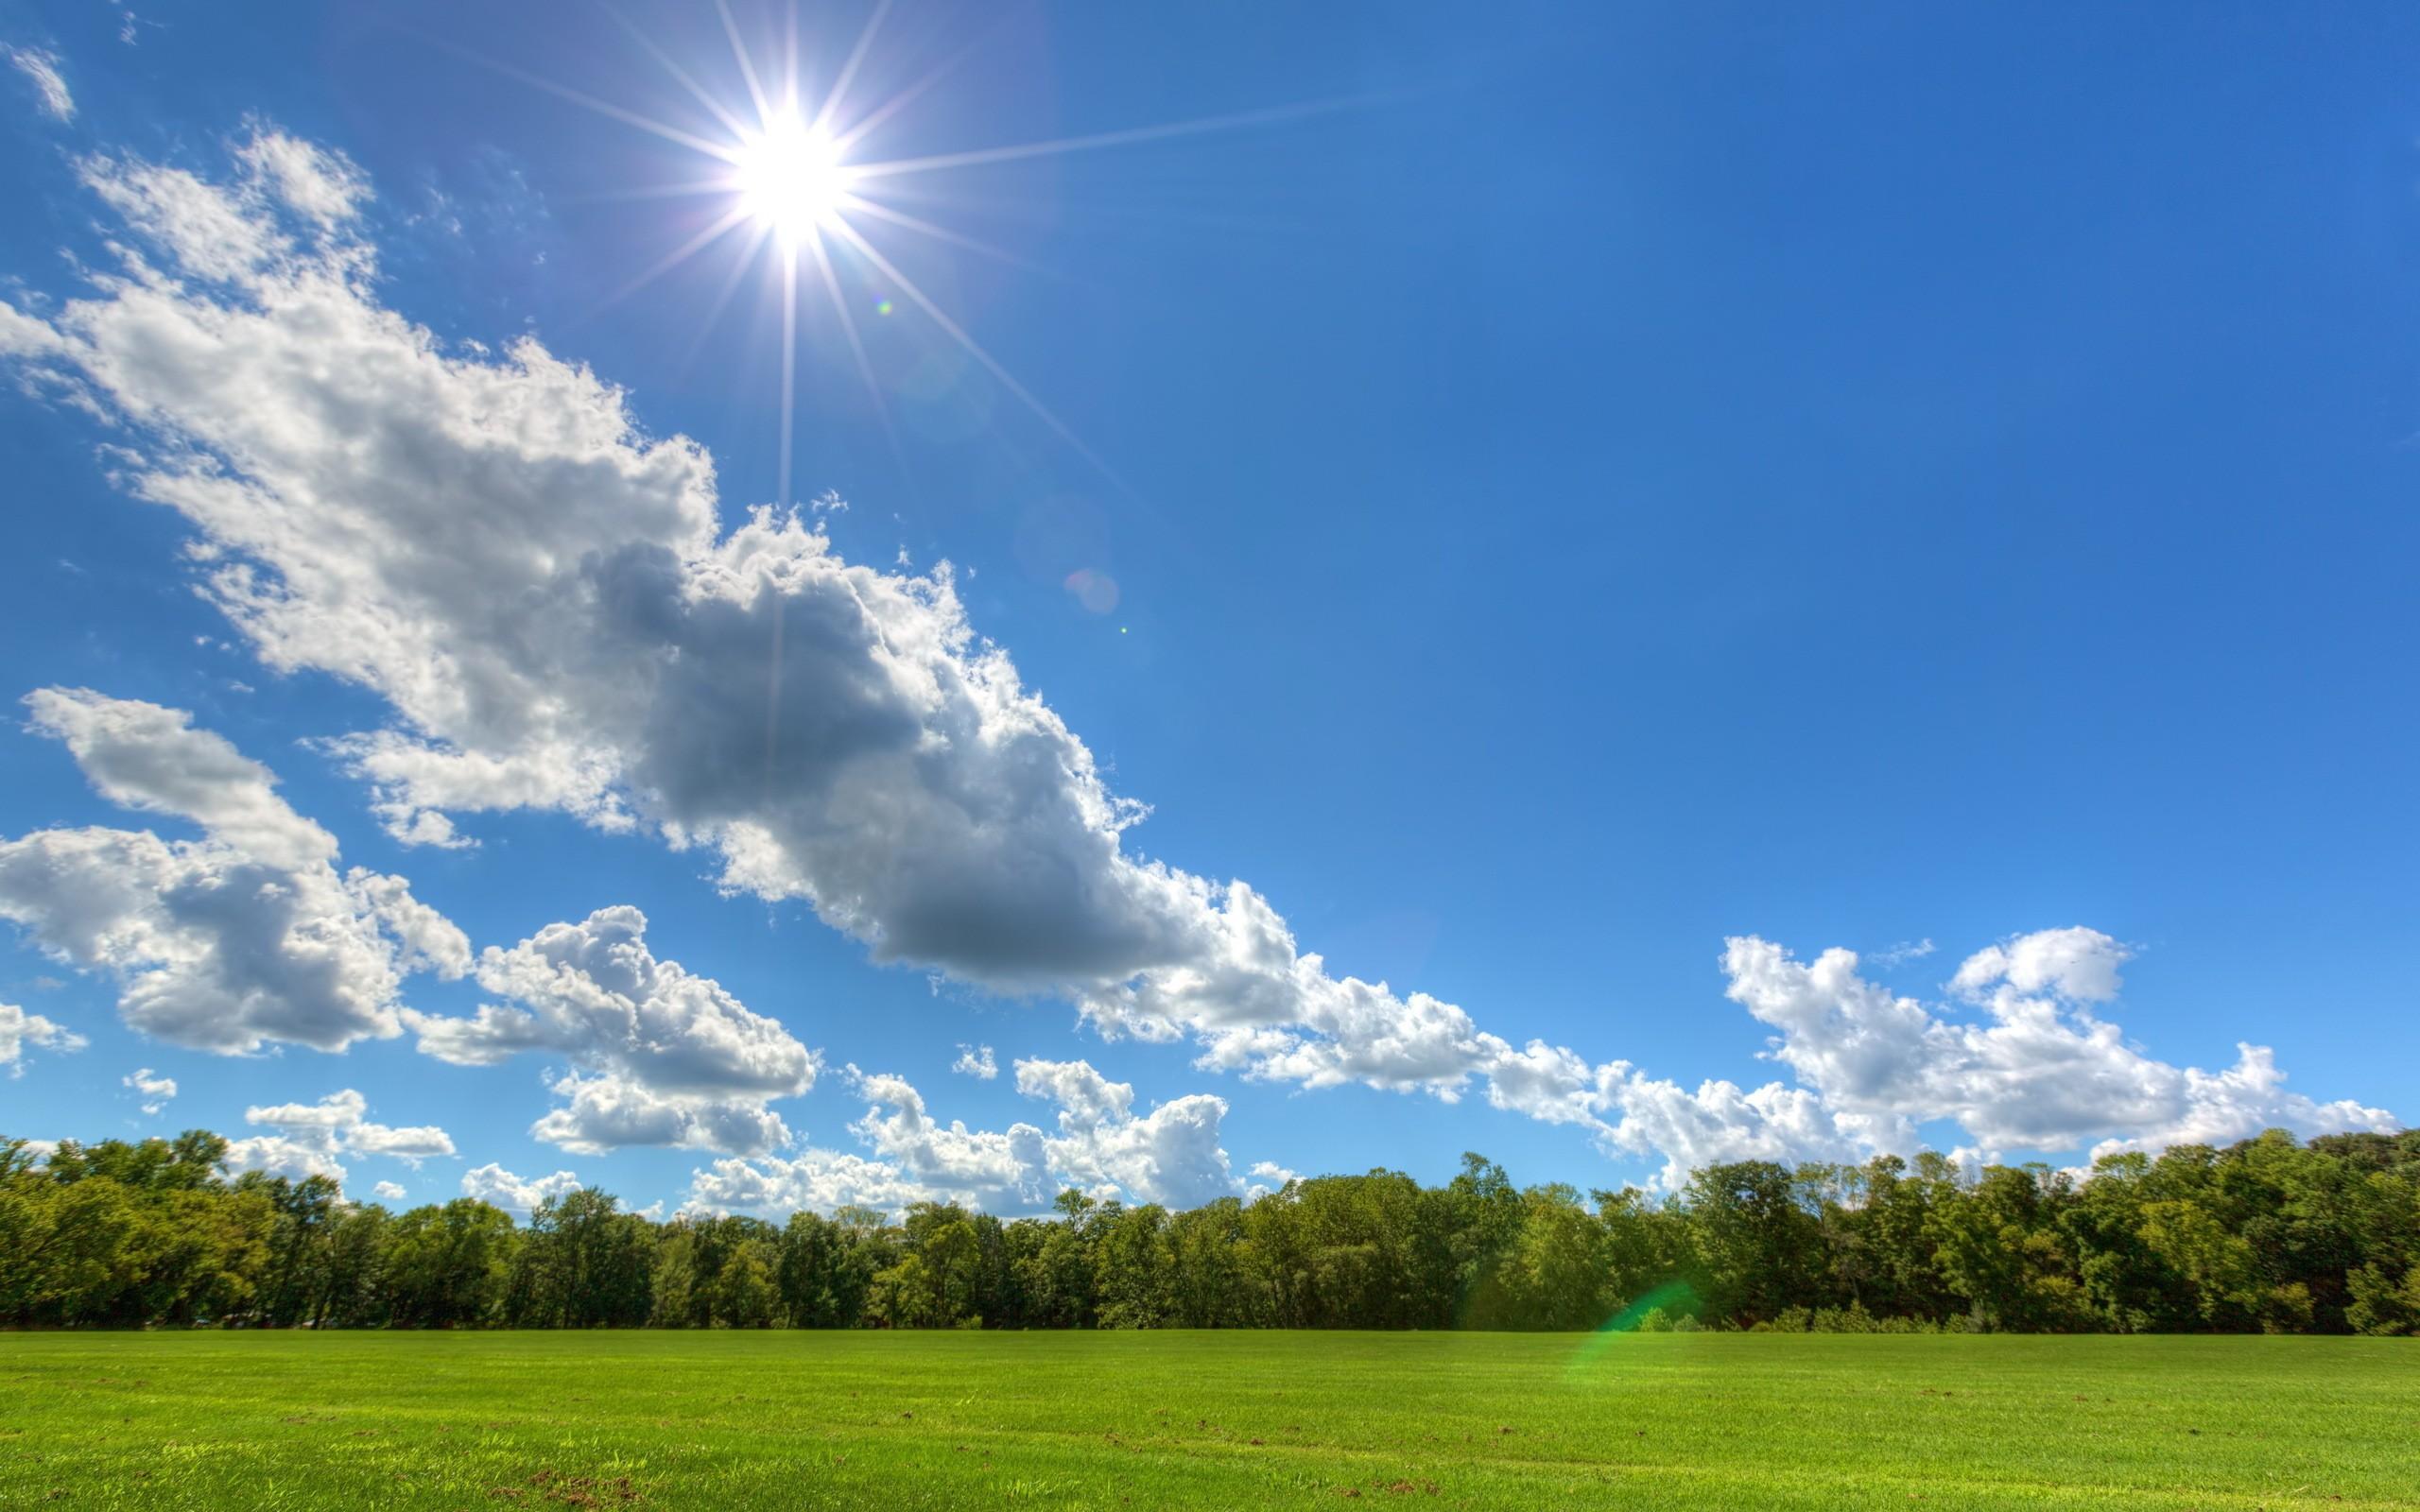 Влюбленных мерцающие, картинки с голубым небом и солнцем